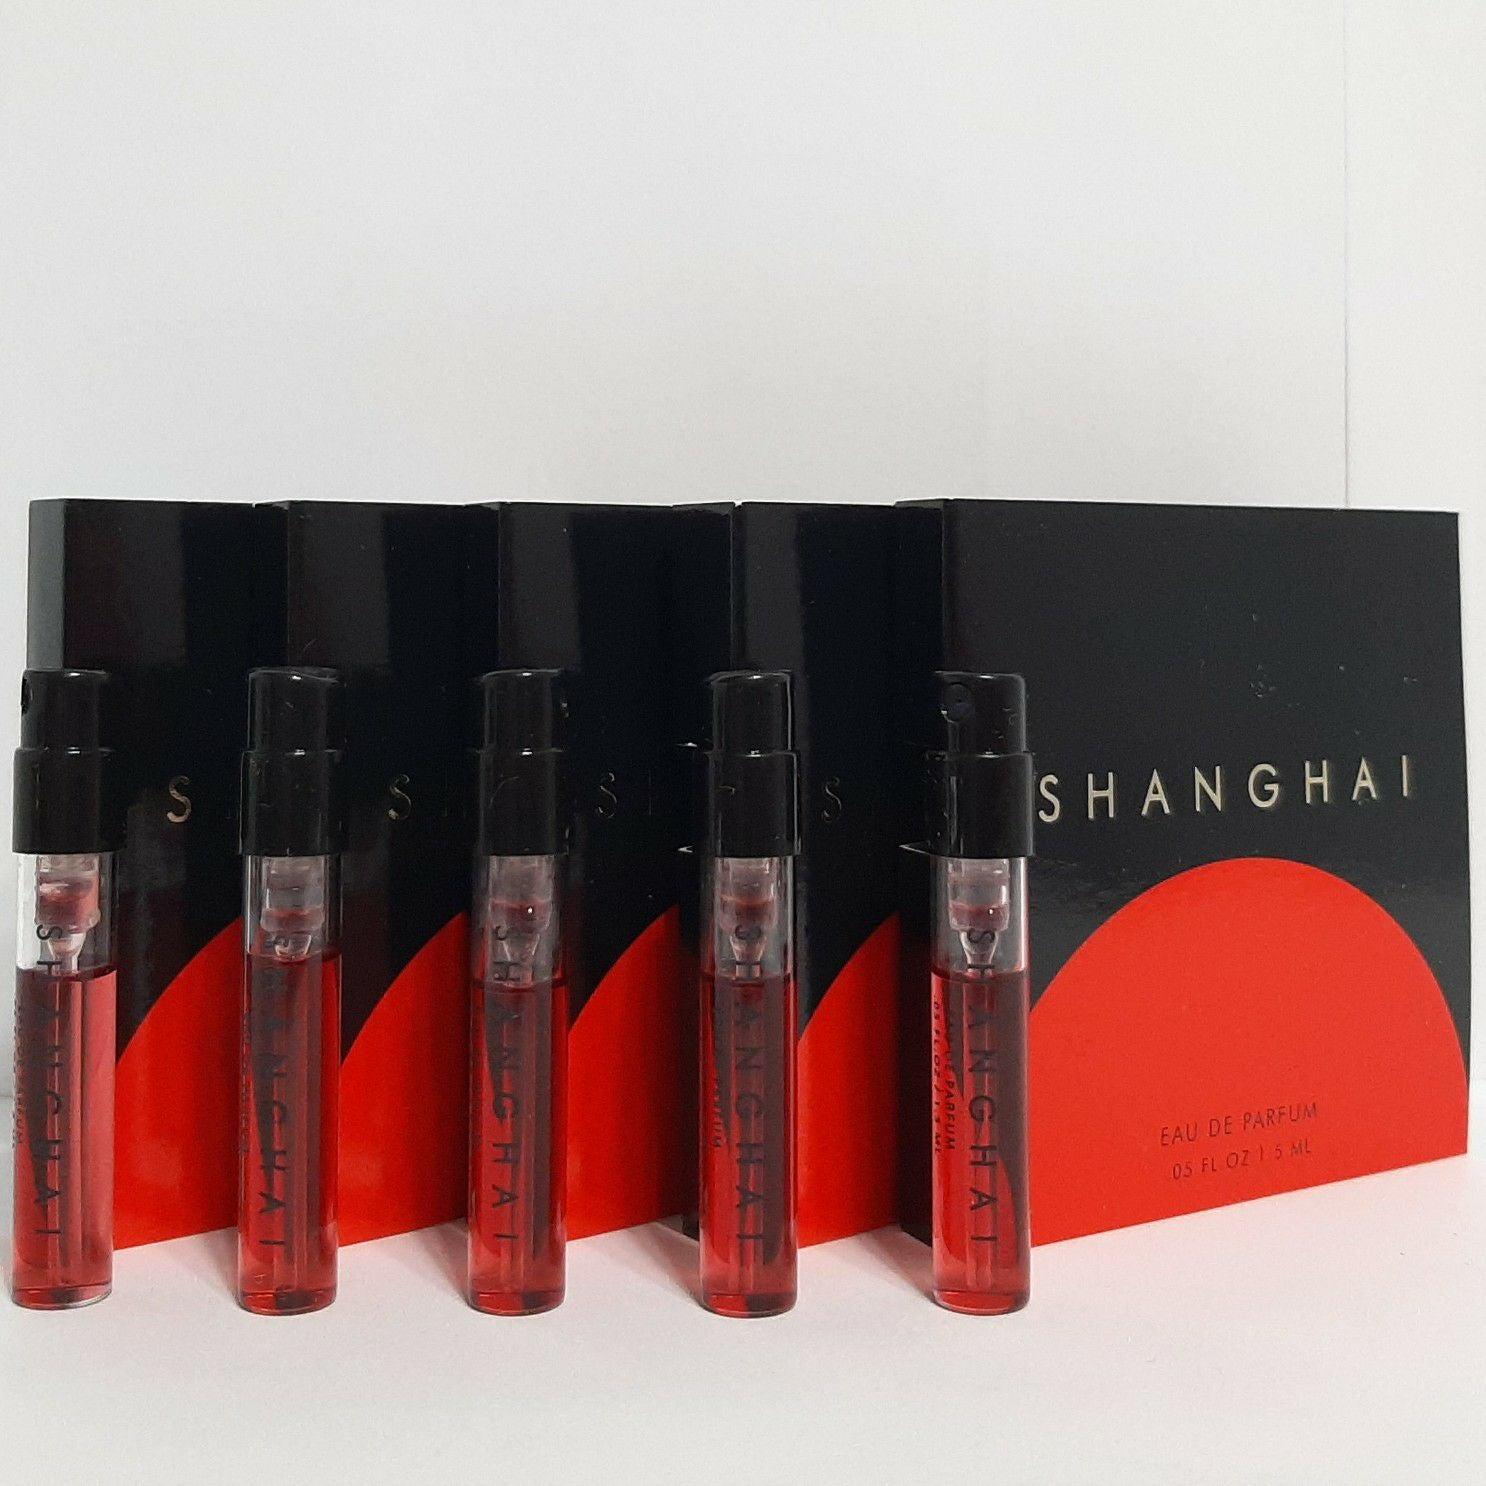 Shanghai x5